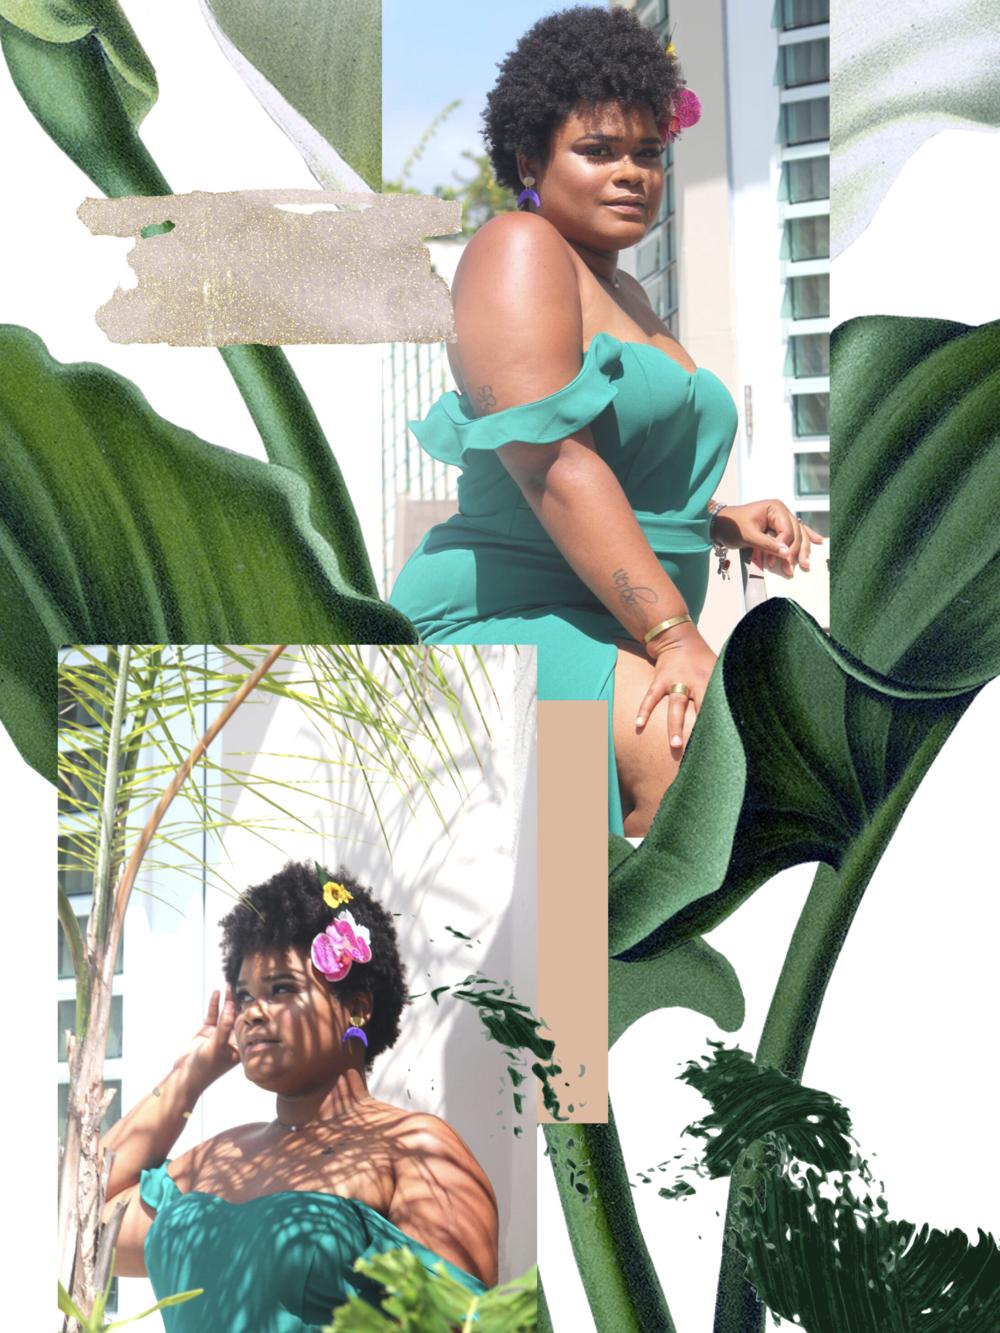 Ana -  Con el Verbo en la Piel  - Francisca + Boutique |  Gleeful Designs  | Kleüre Cosmetics |  Makeup by Beth